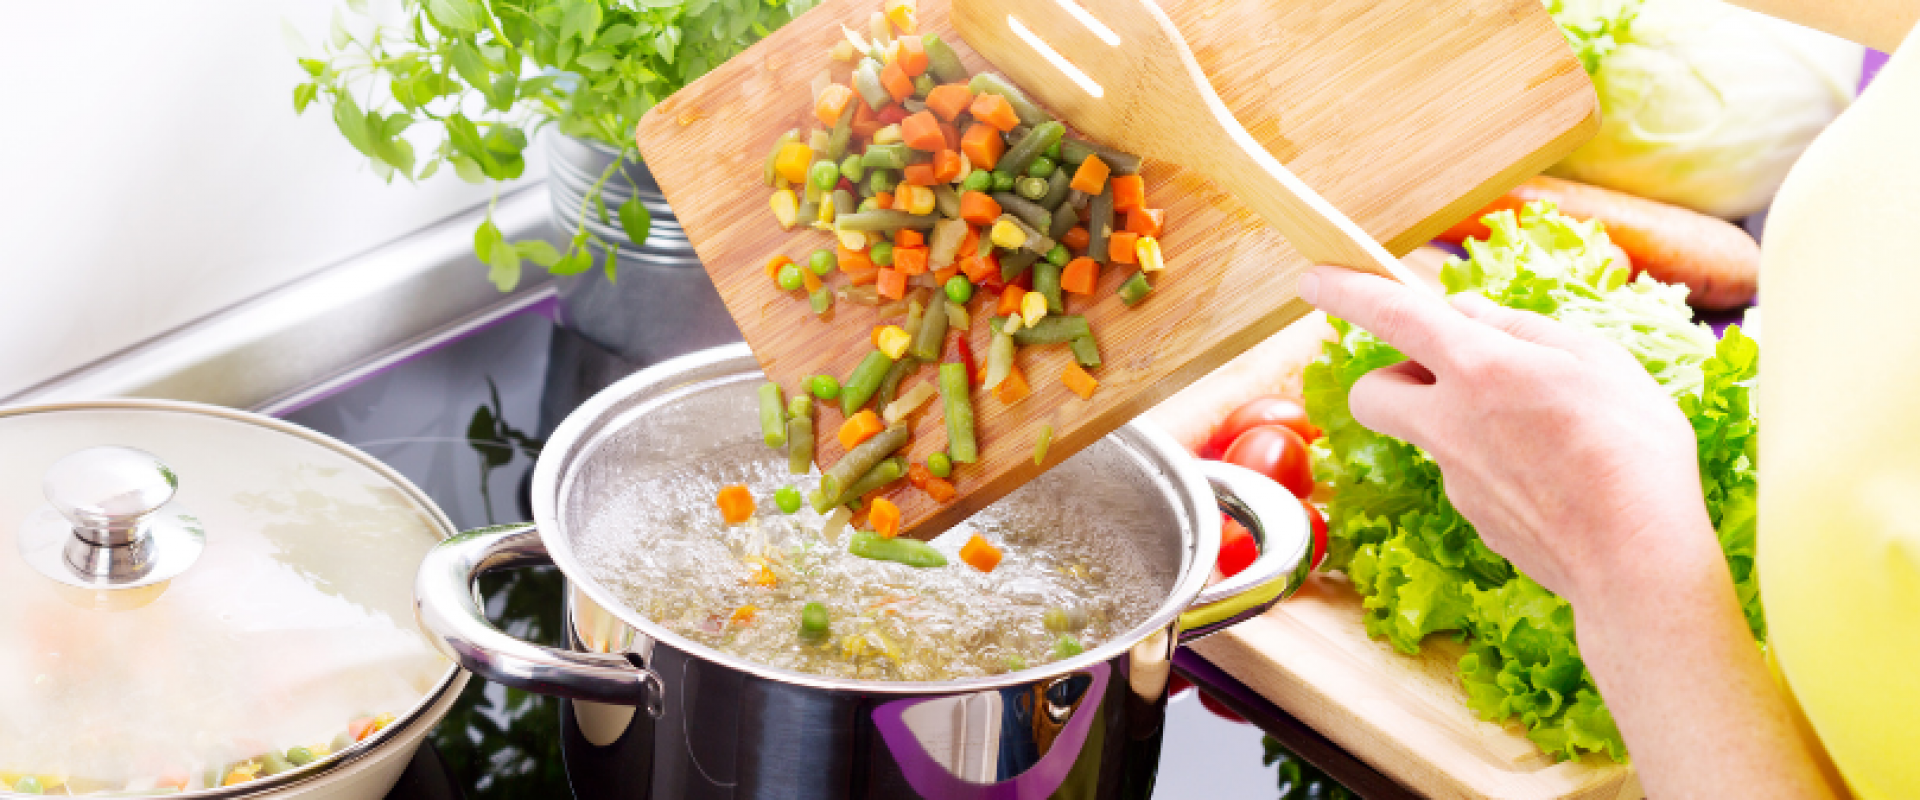 6 dicas simples para manter a disciplina na alimentação